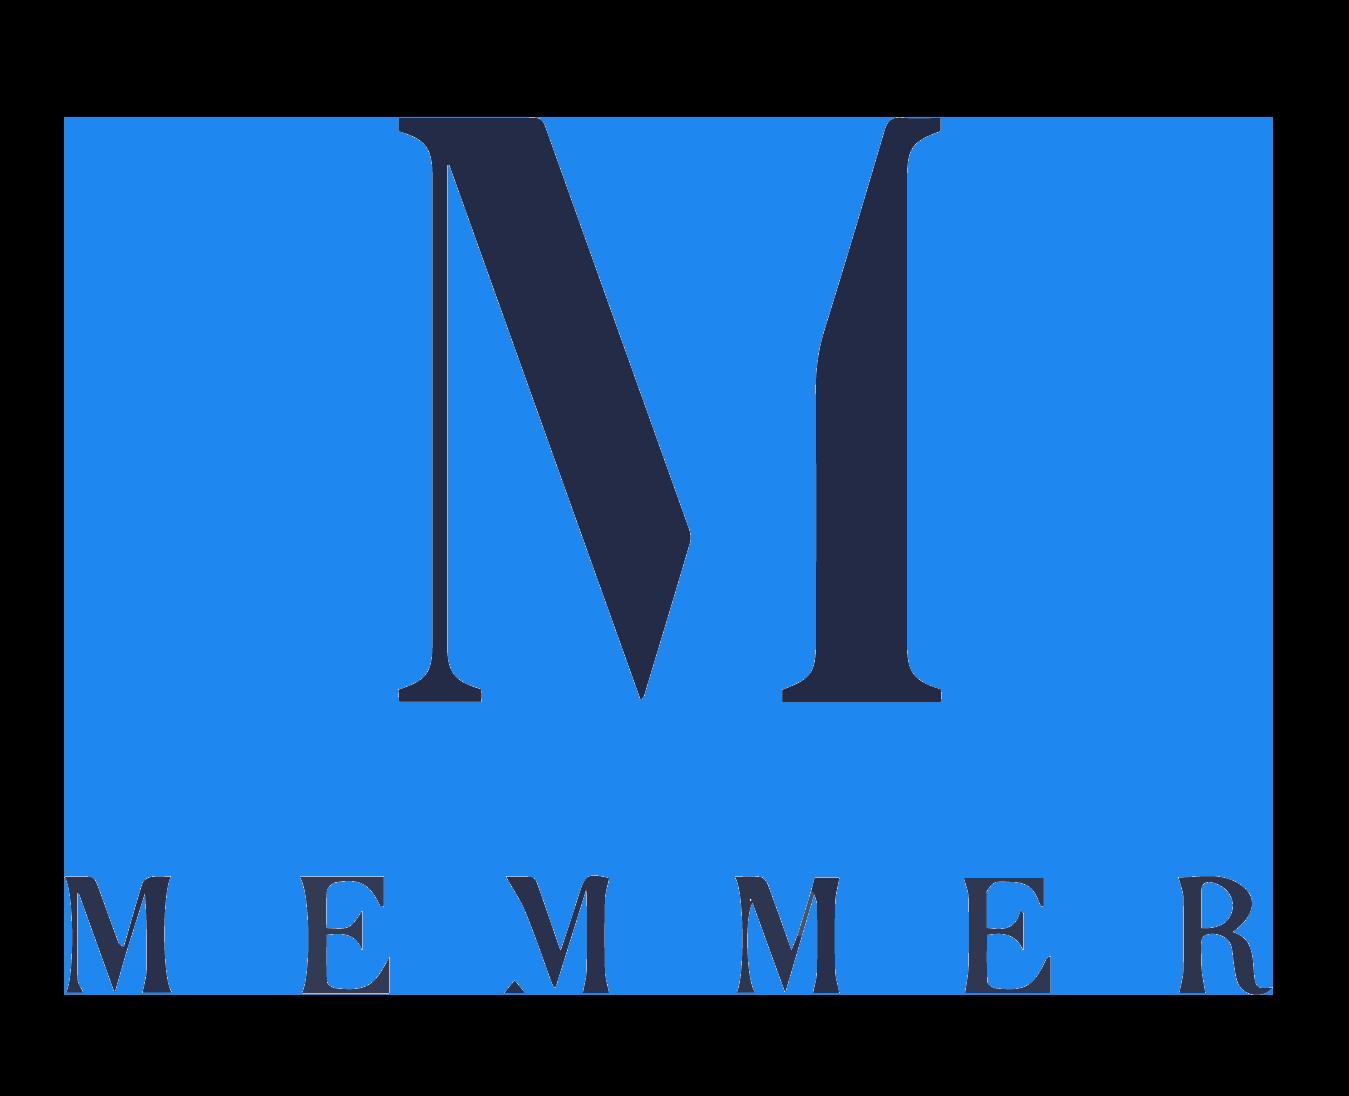 Memmer Homes logo